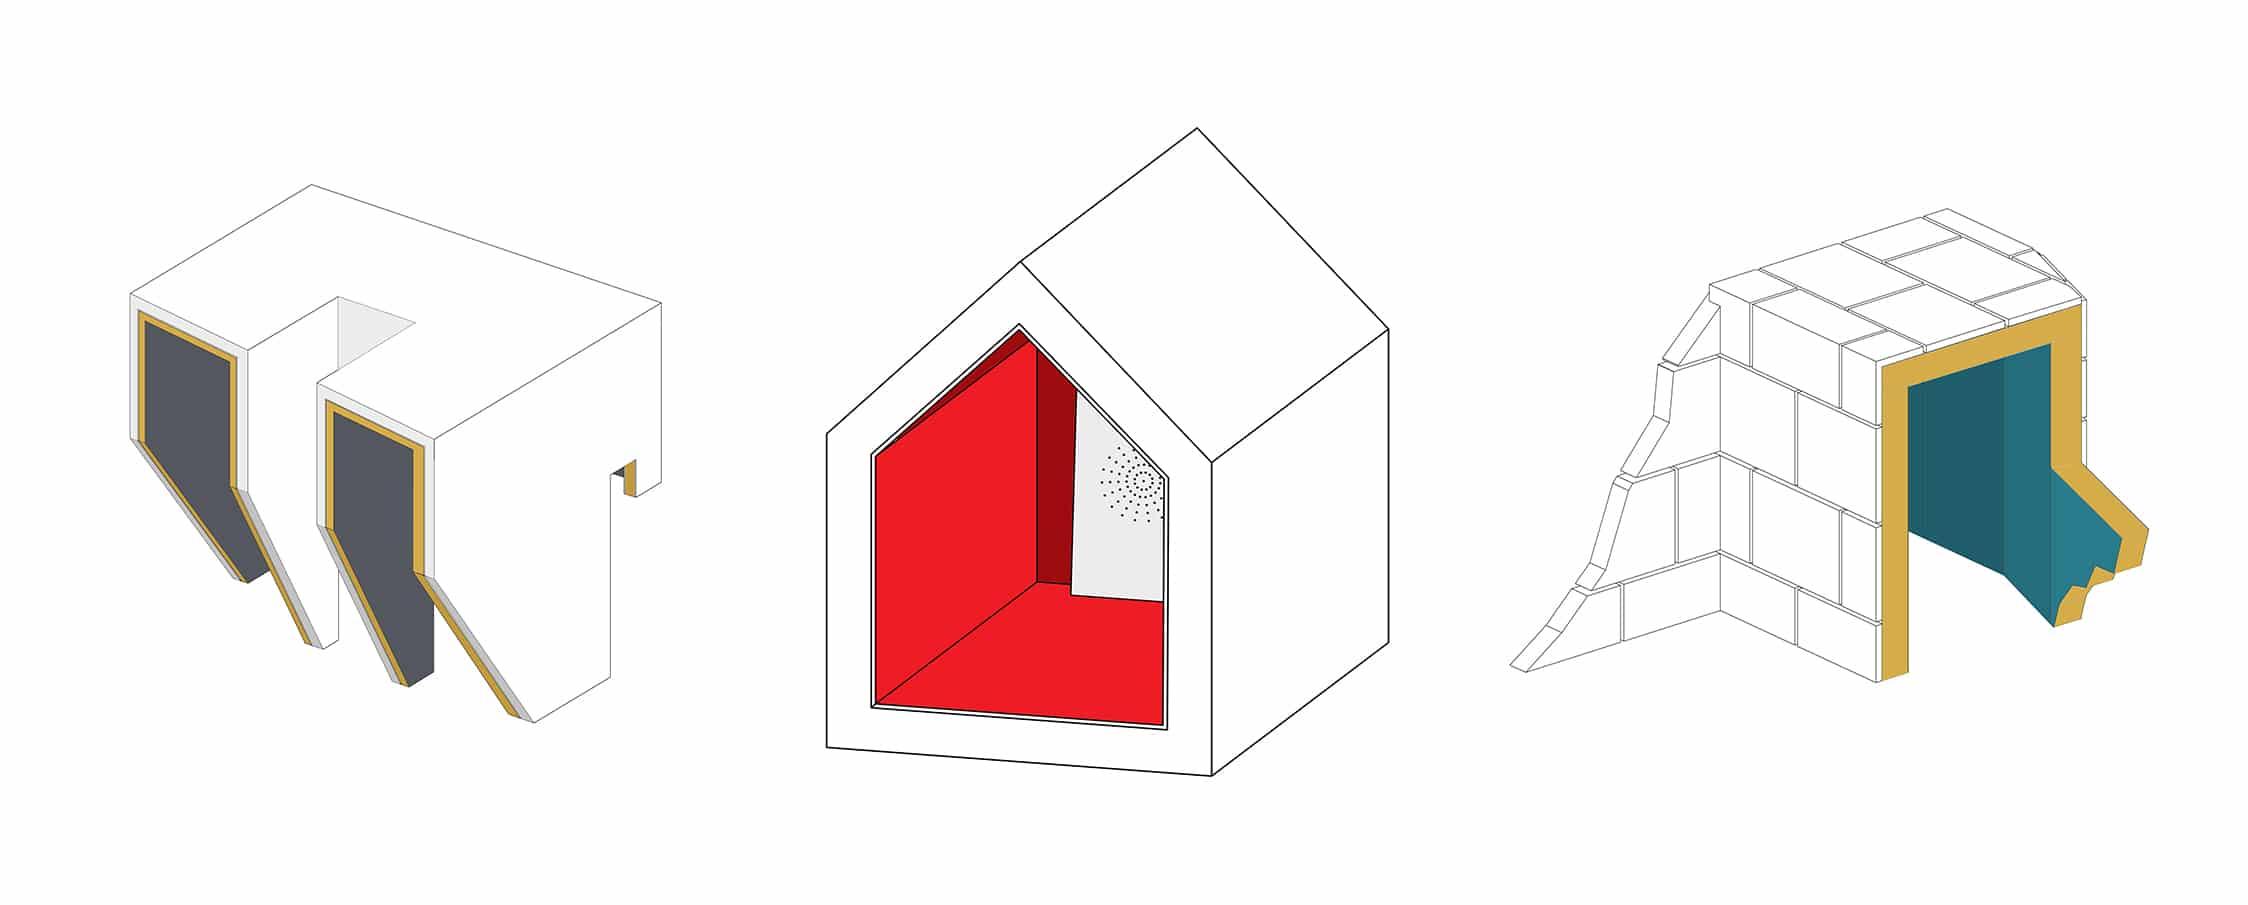 Sto-Werkstatt-Sound-Exhibition-Design8